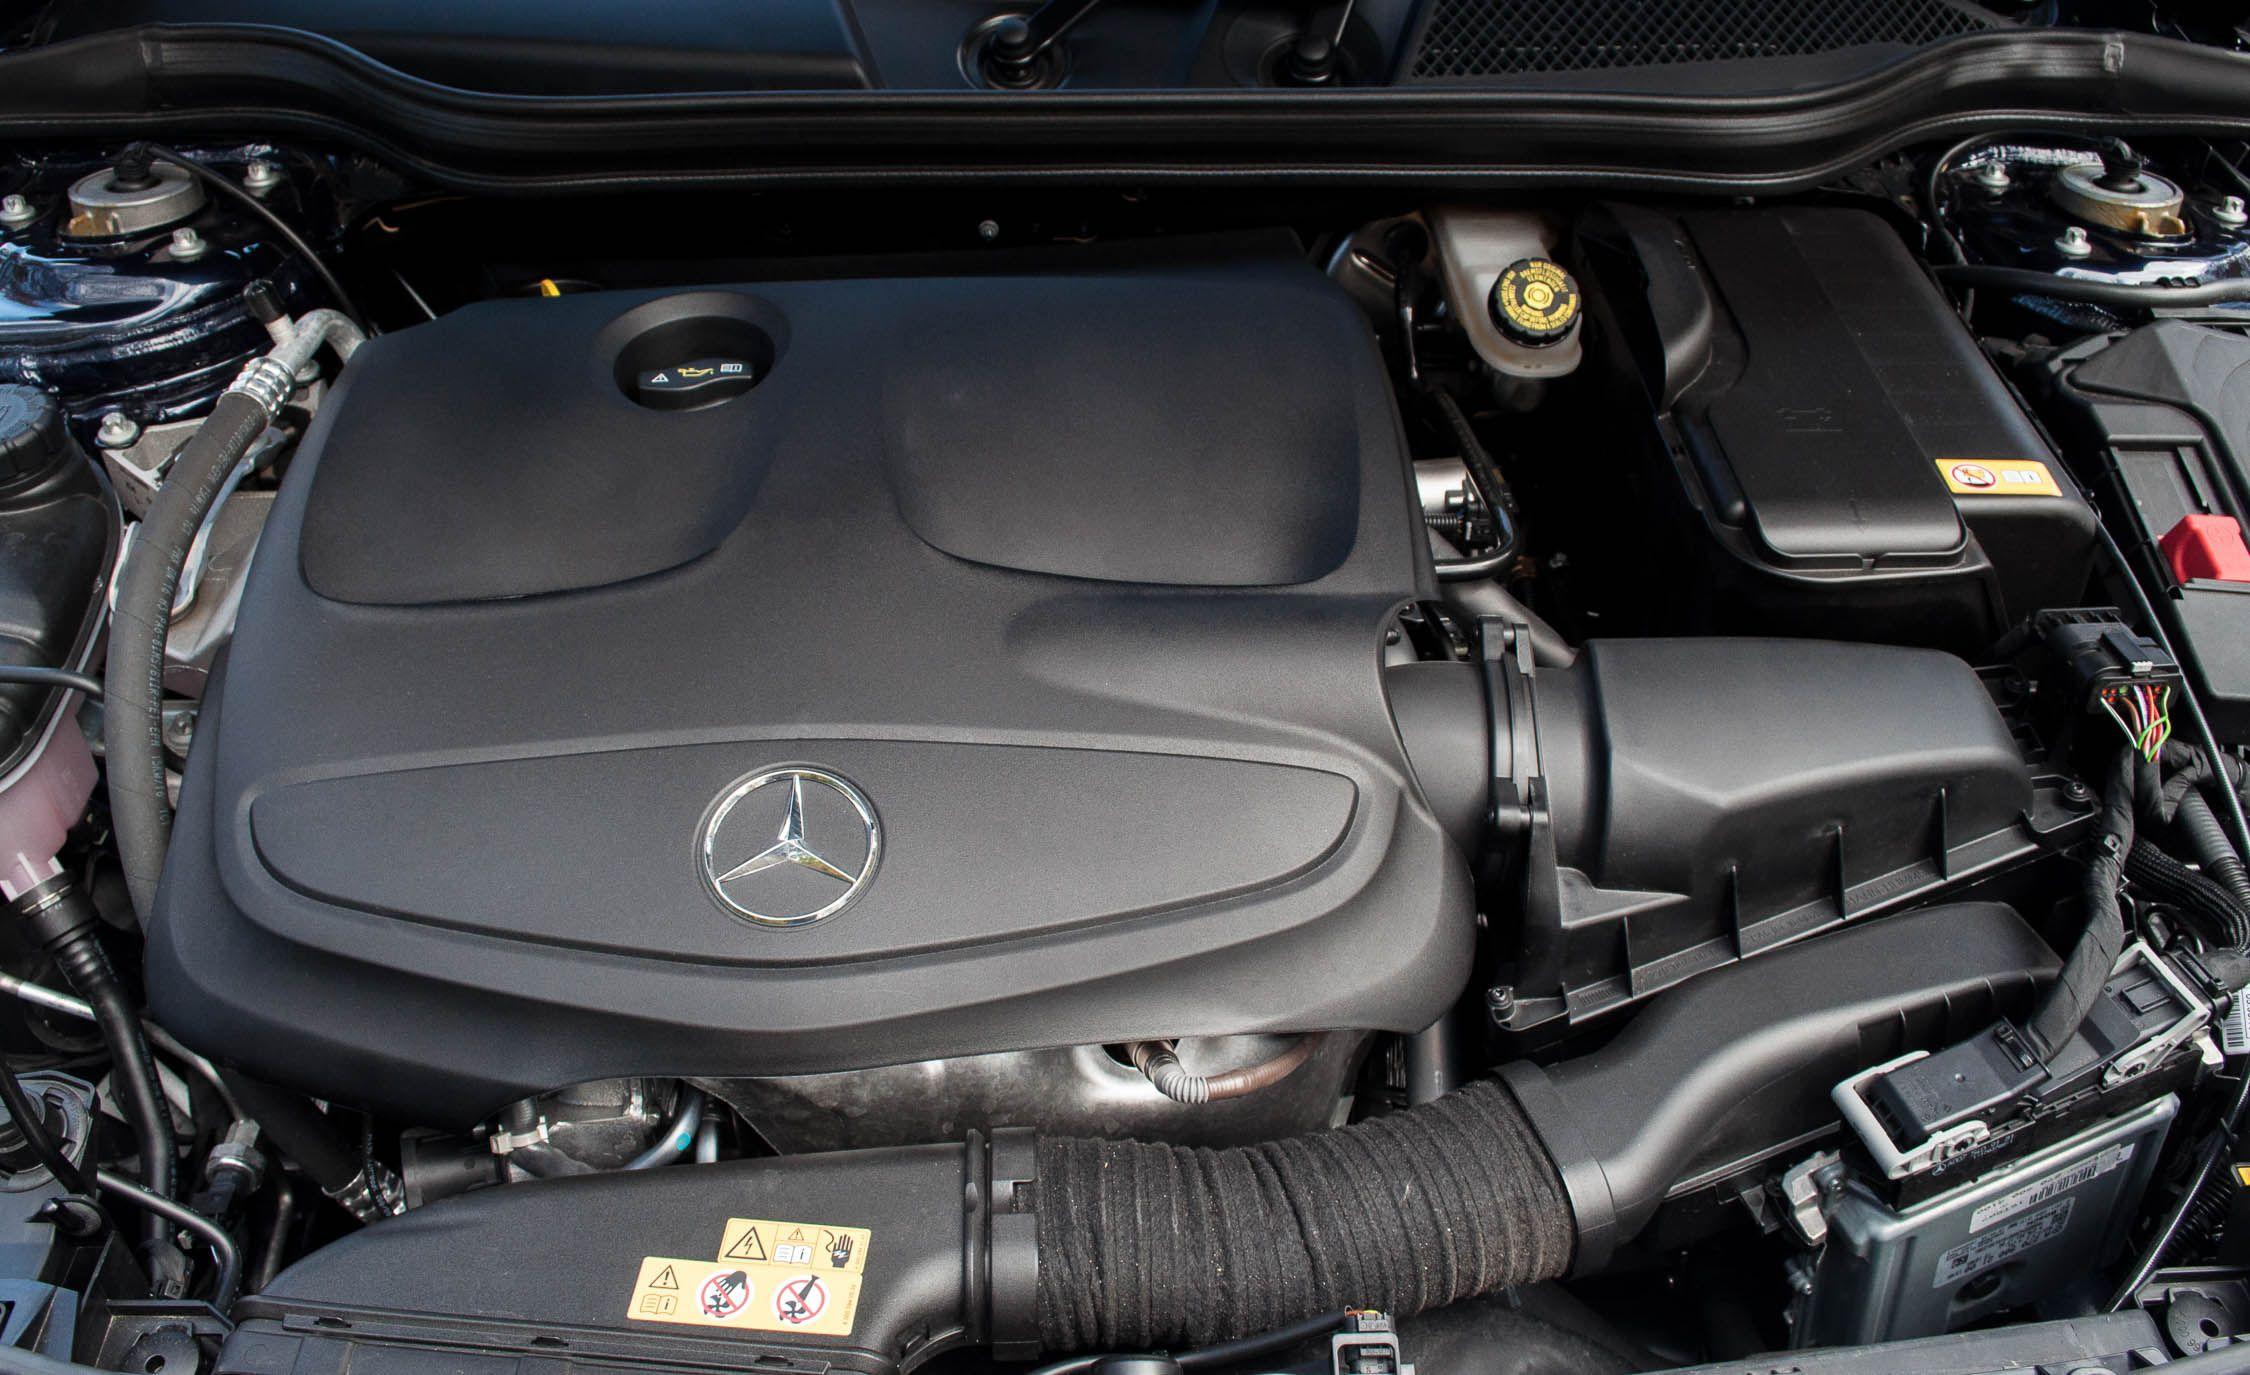 Mercedes Benz Cla Class Reviews Mercedes Benz Cla Class Price